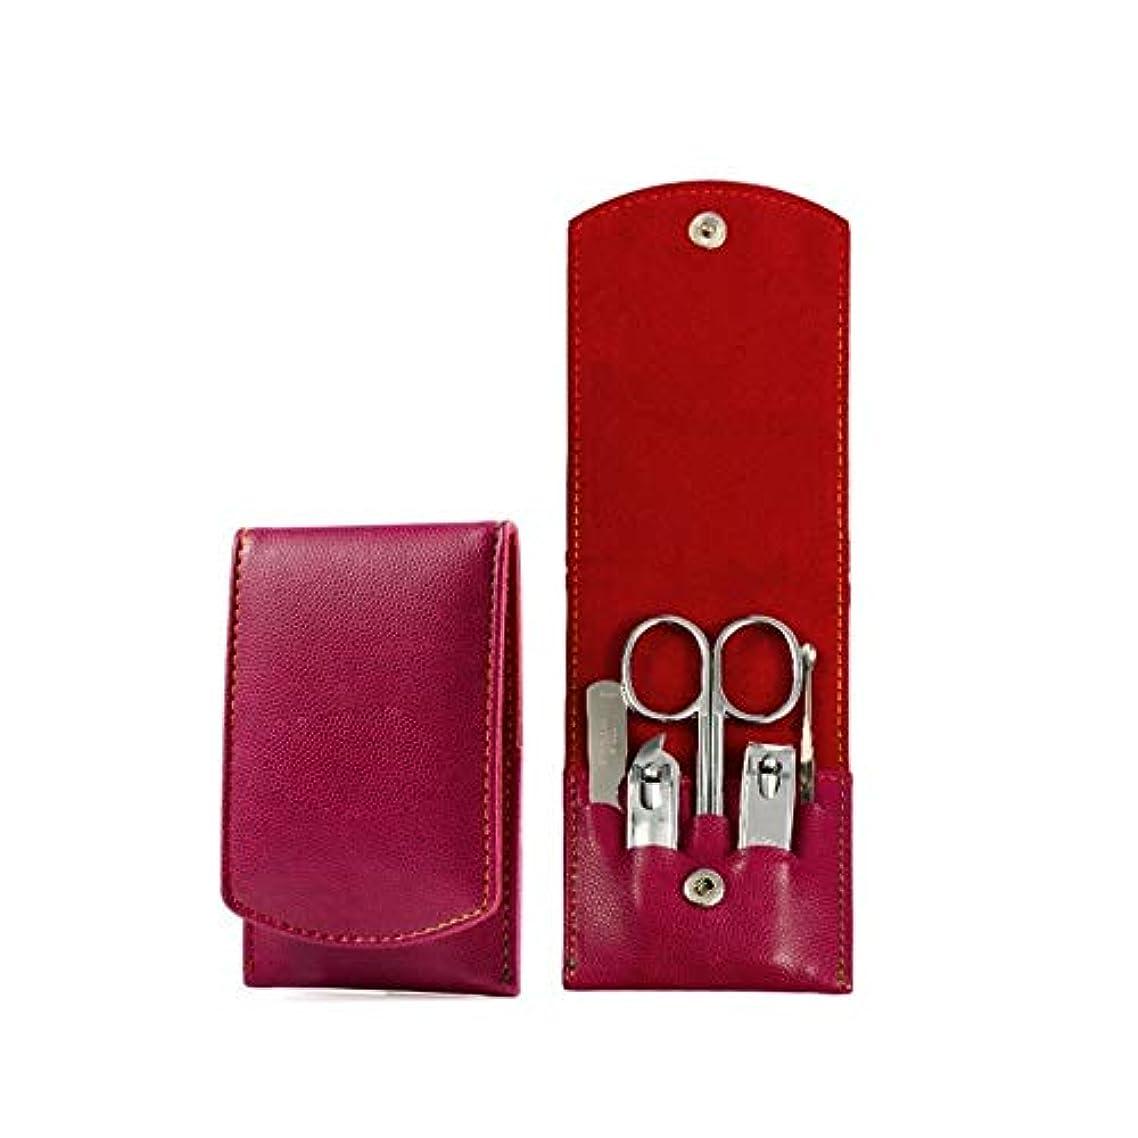 リッチばか無視できるJIAYIZS 5ネイルクリッパーセットネイルクリップネイルクリッパー修復能力のコンビネーションマニキュア保護ツールセット (Color : Red)